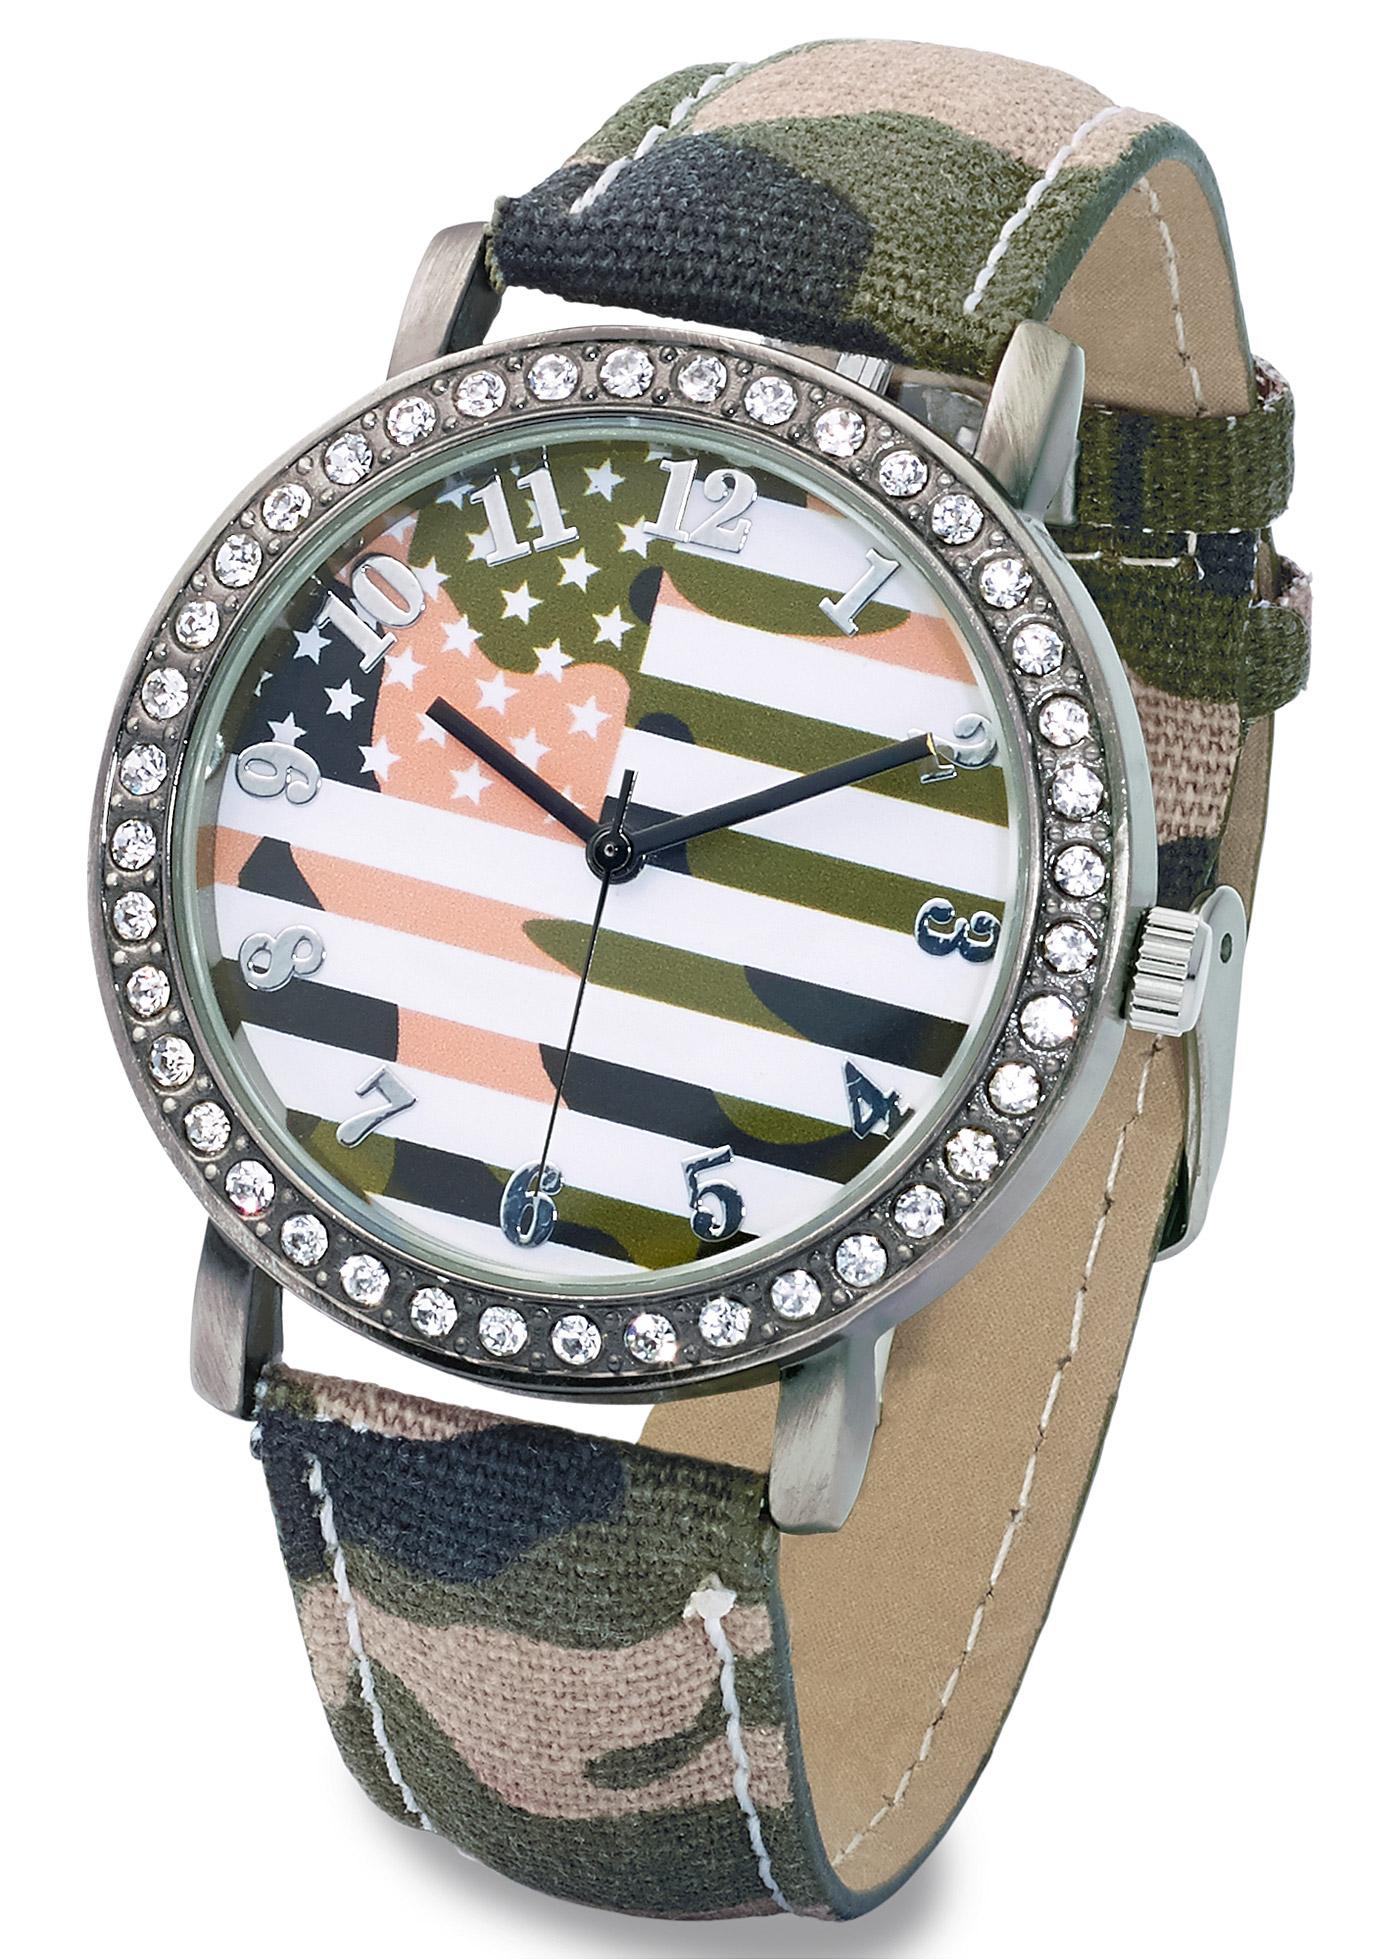 Montre exceptionnelle avec bracelet style militaire tendance et motif drapeau sur le cadran. Les strass sertis sur le contour du boîtier apportent une touche féminine contrastante. Prix comprenant éco-participation (F) =0,01€ ou recupel (B) =0,05€.